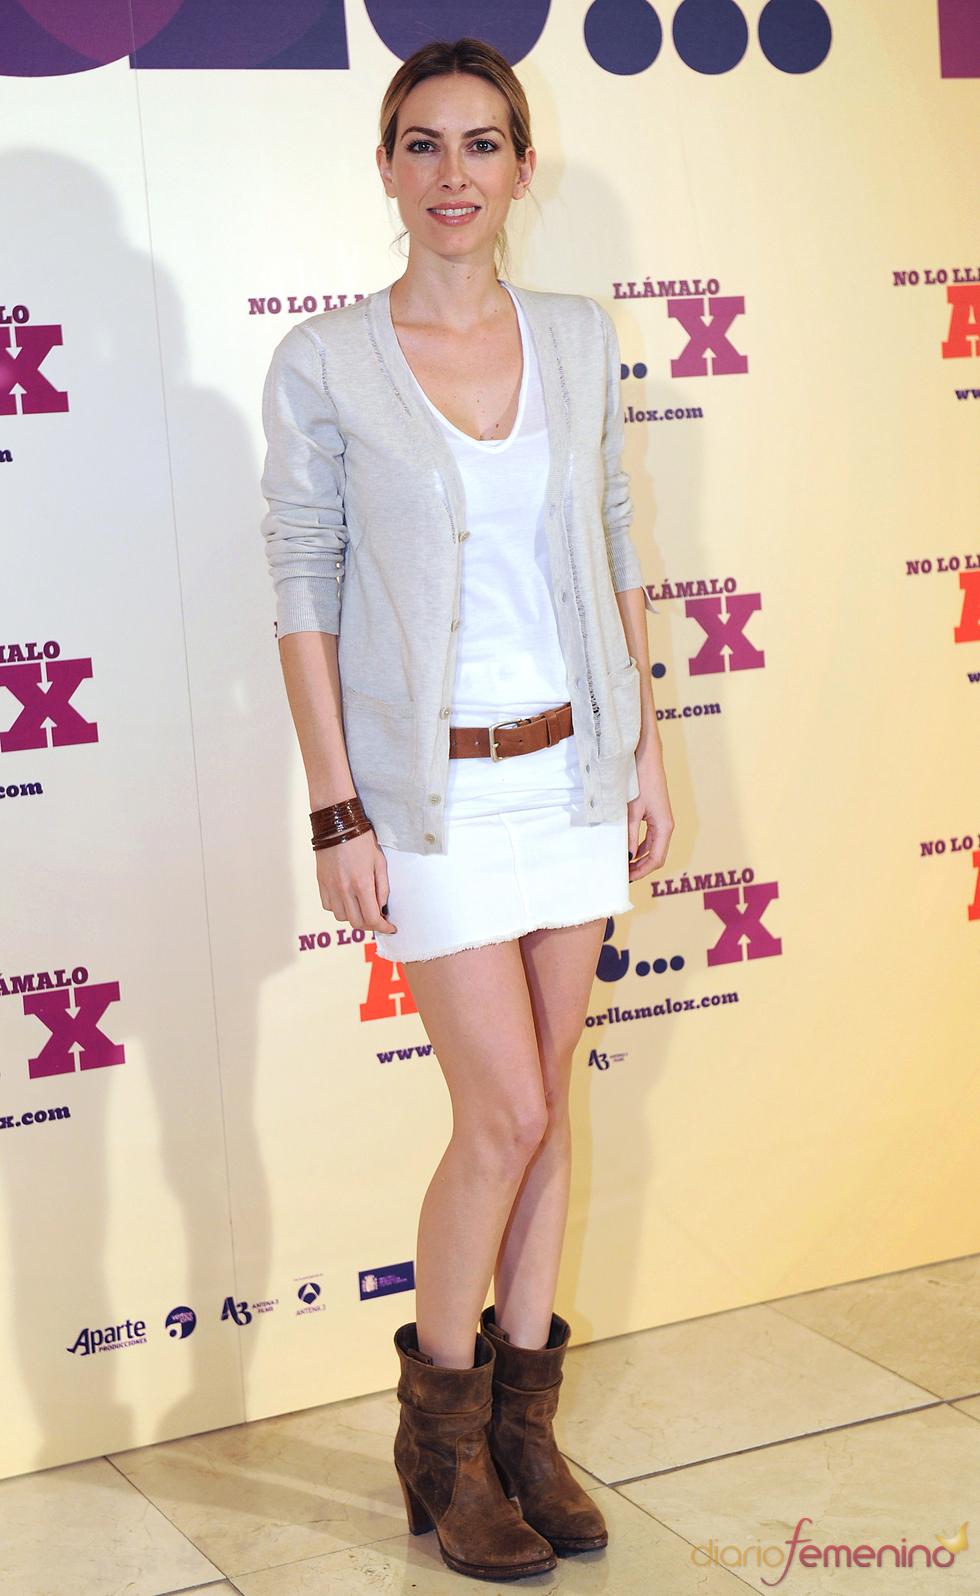 Kira Miró en la presentación de 'No lo llames amor... llámalo X' en Madrid